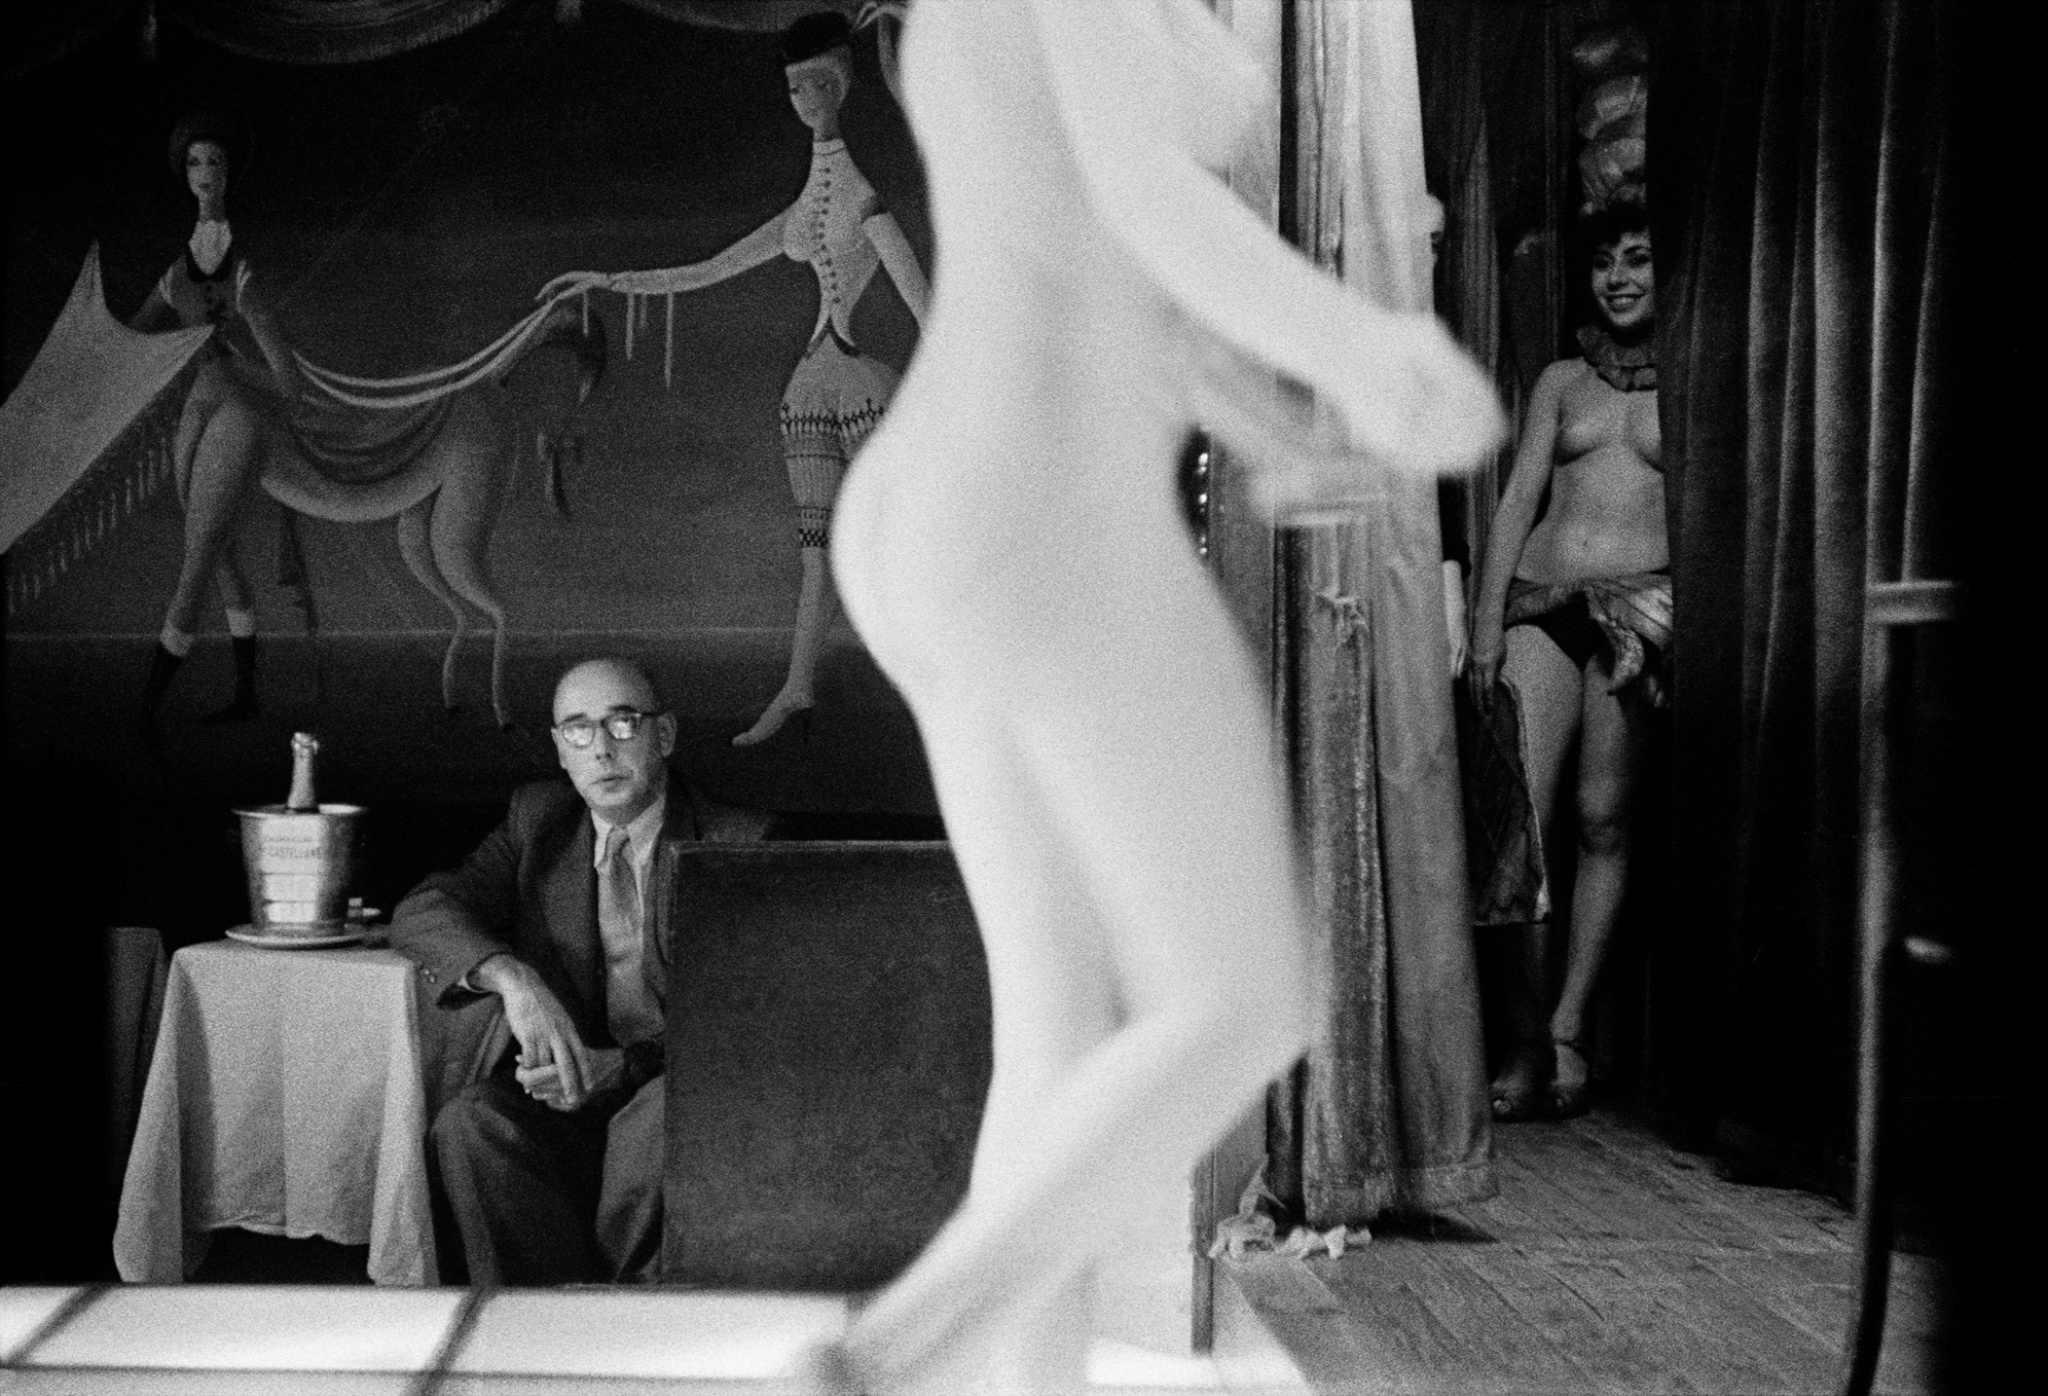 Fotó: Frank Horvat: Le Sphinx, Paris 1956 © Frank Horvat